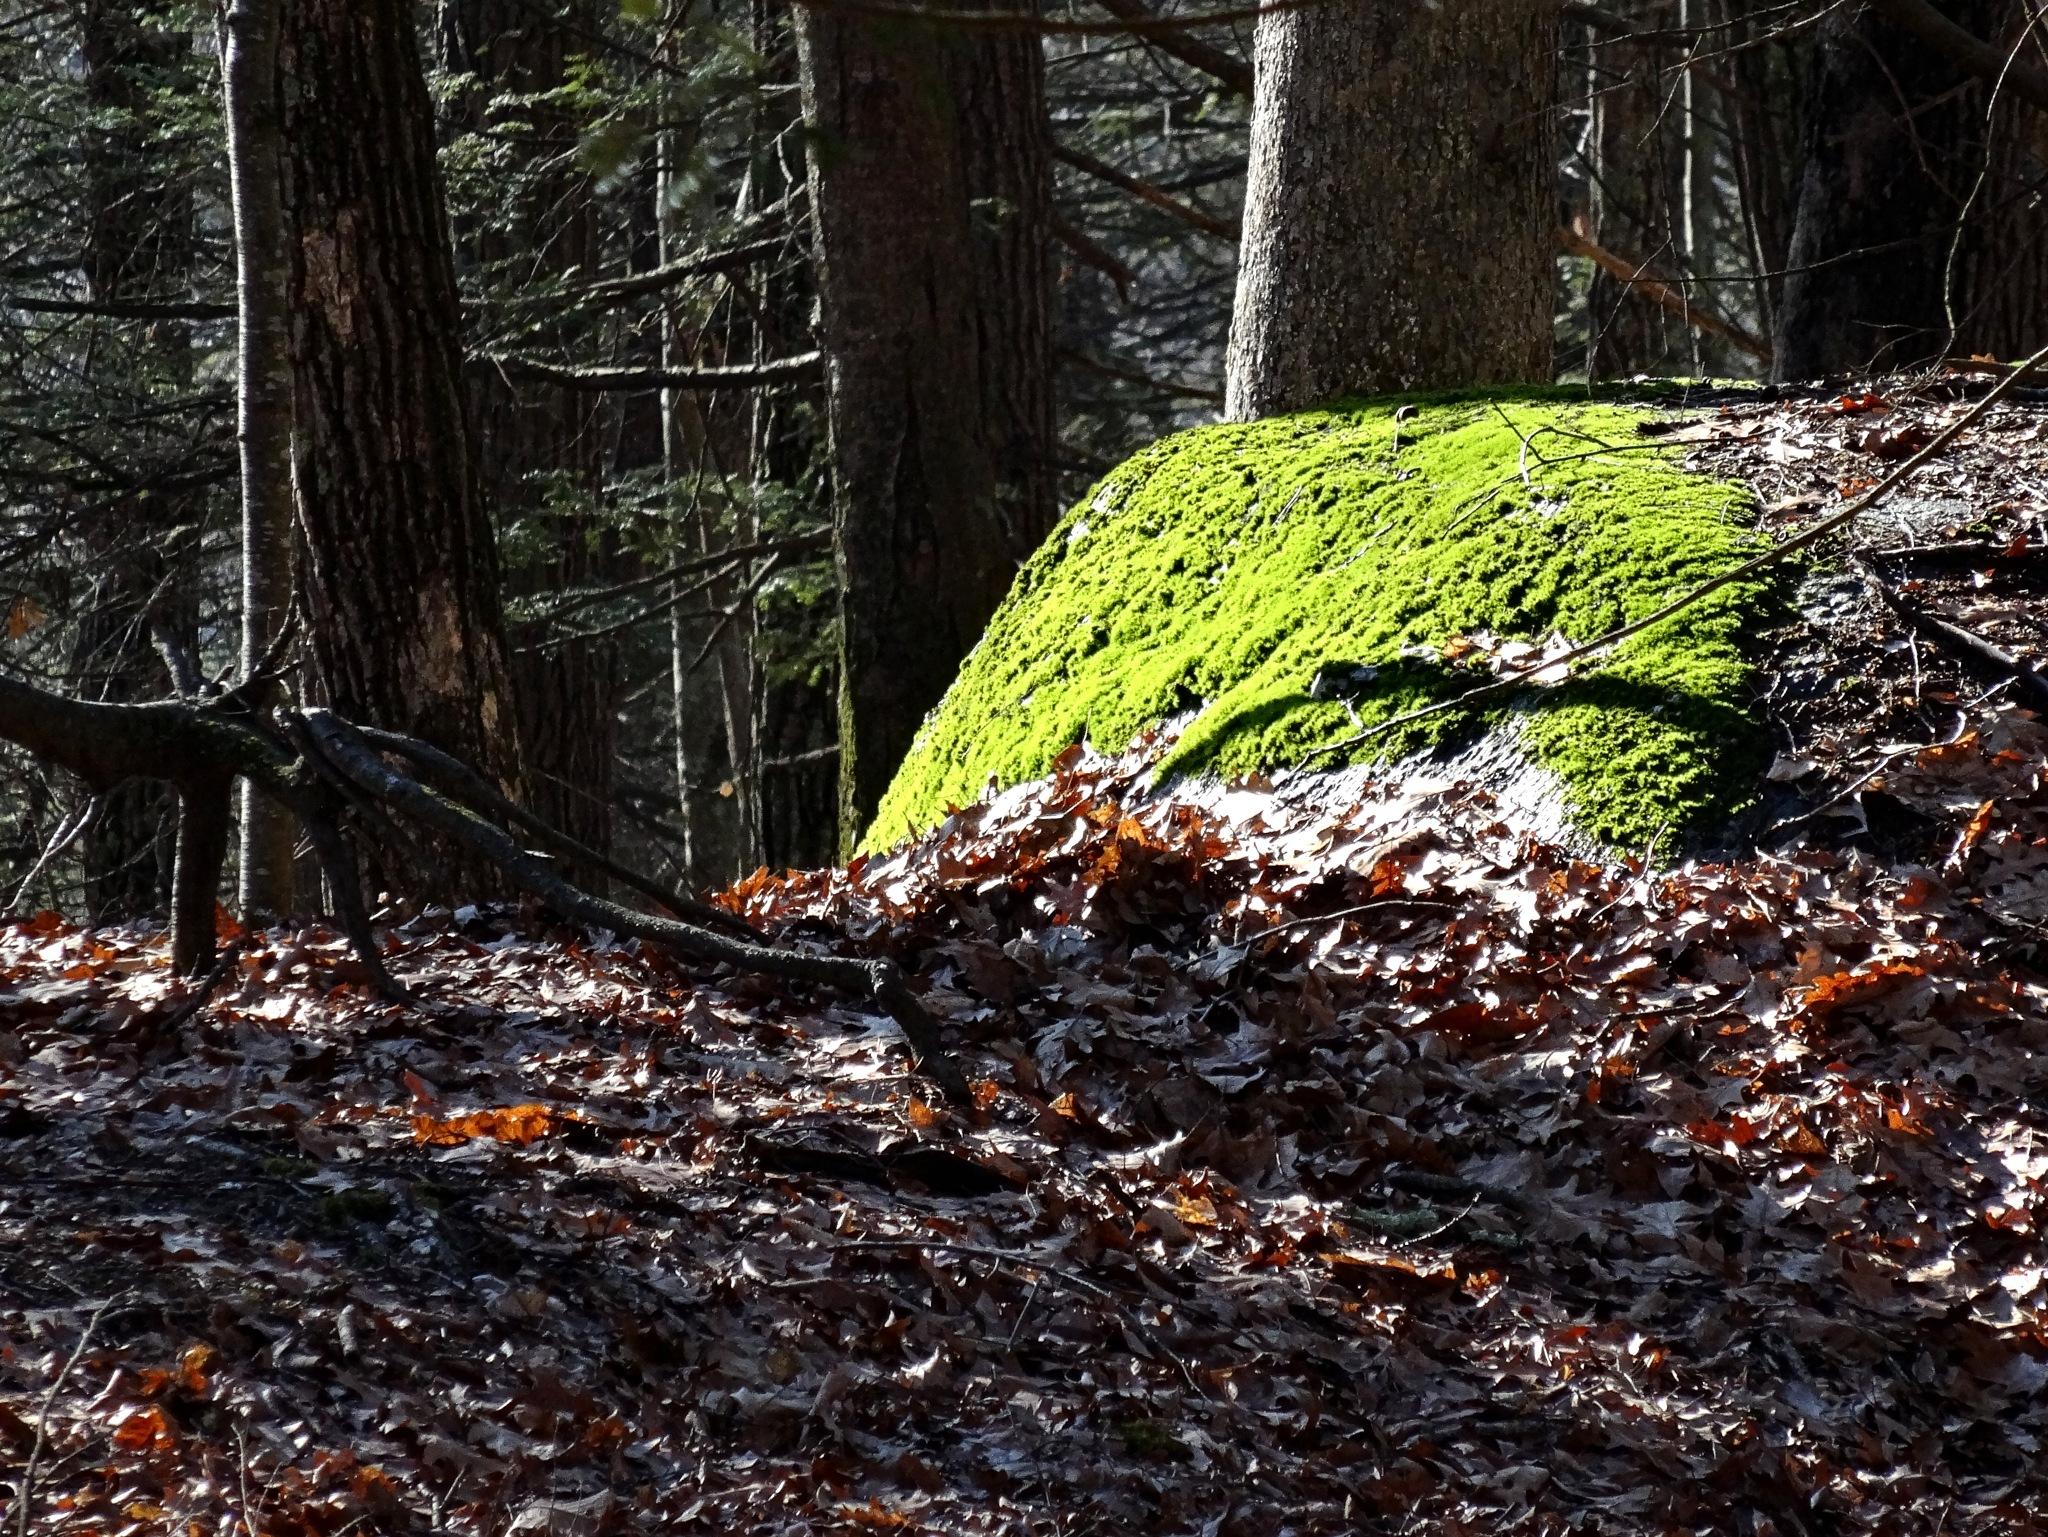 Winter Green by Joeski